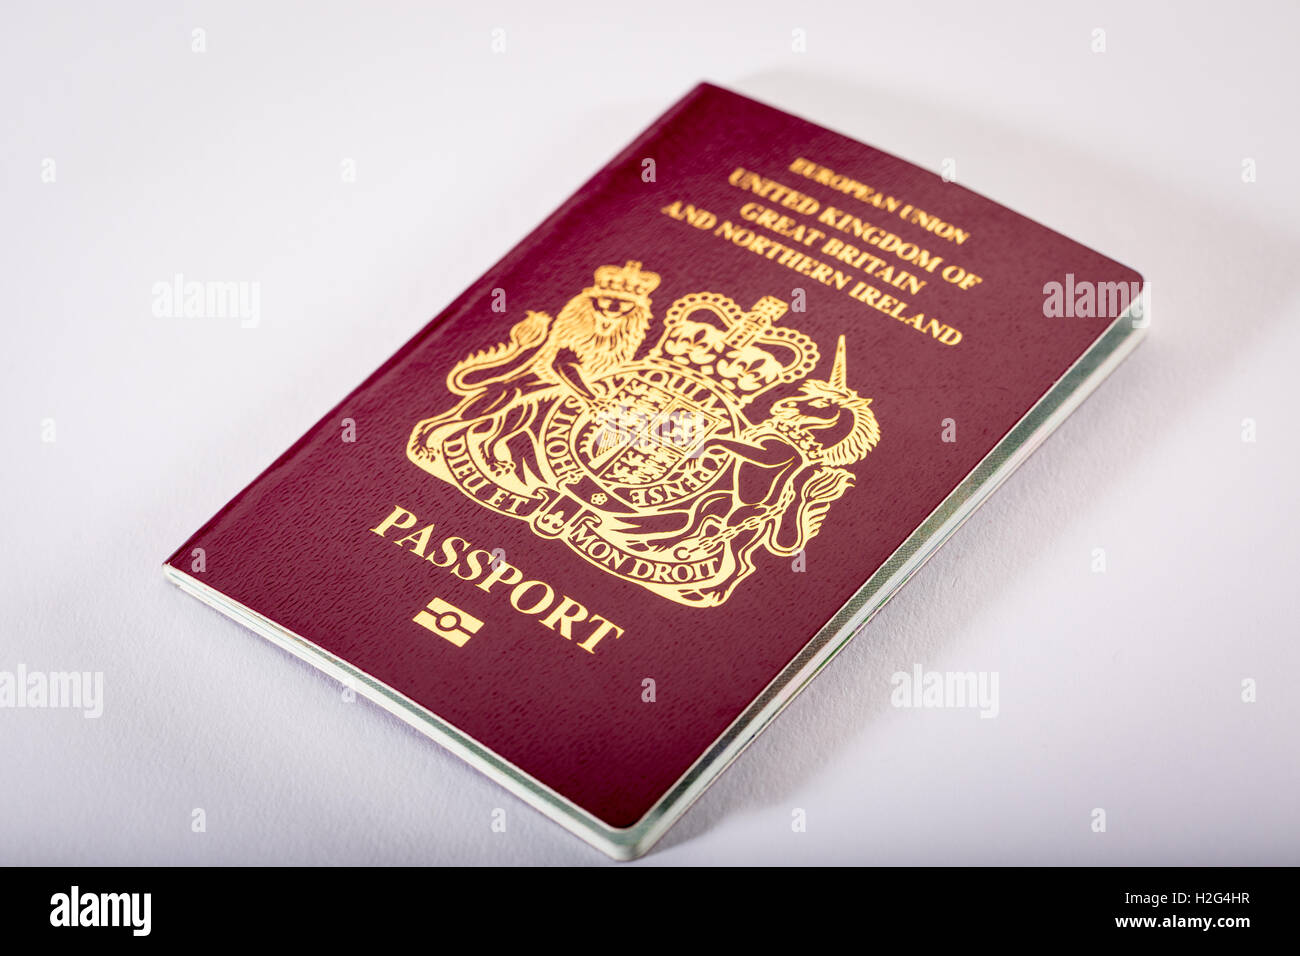 A British UK Passport - Stock Image